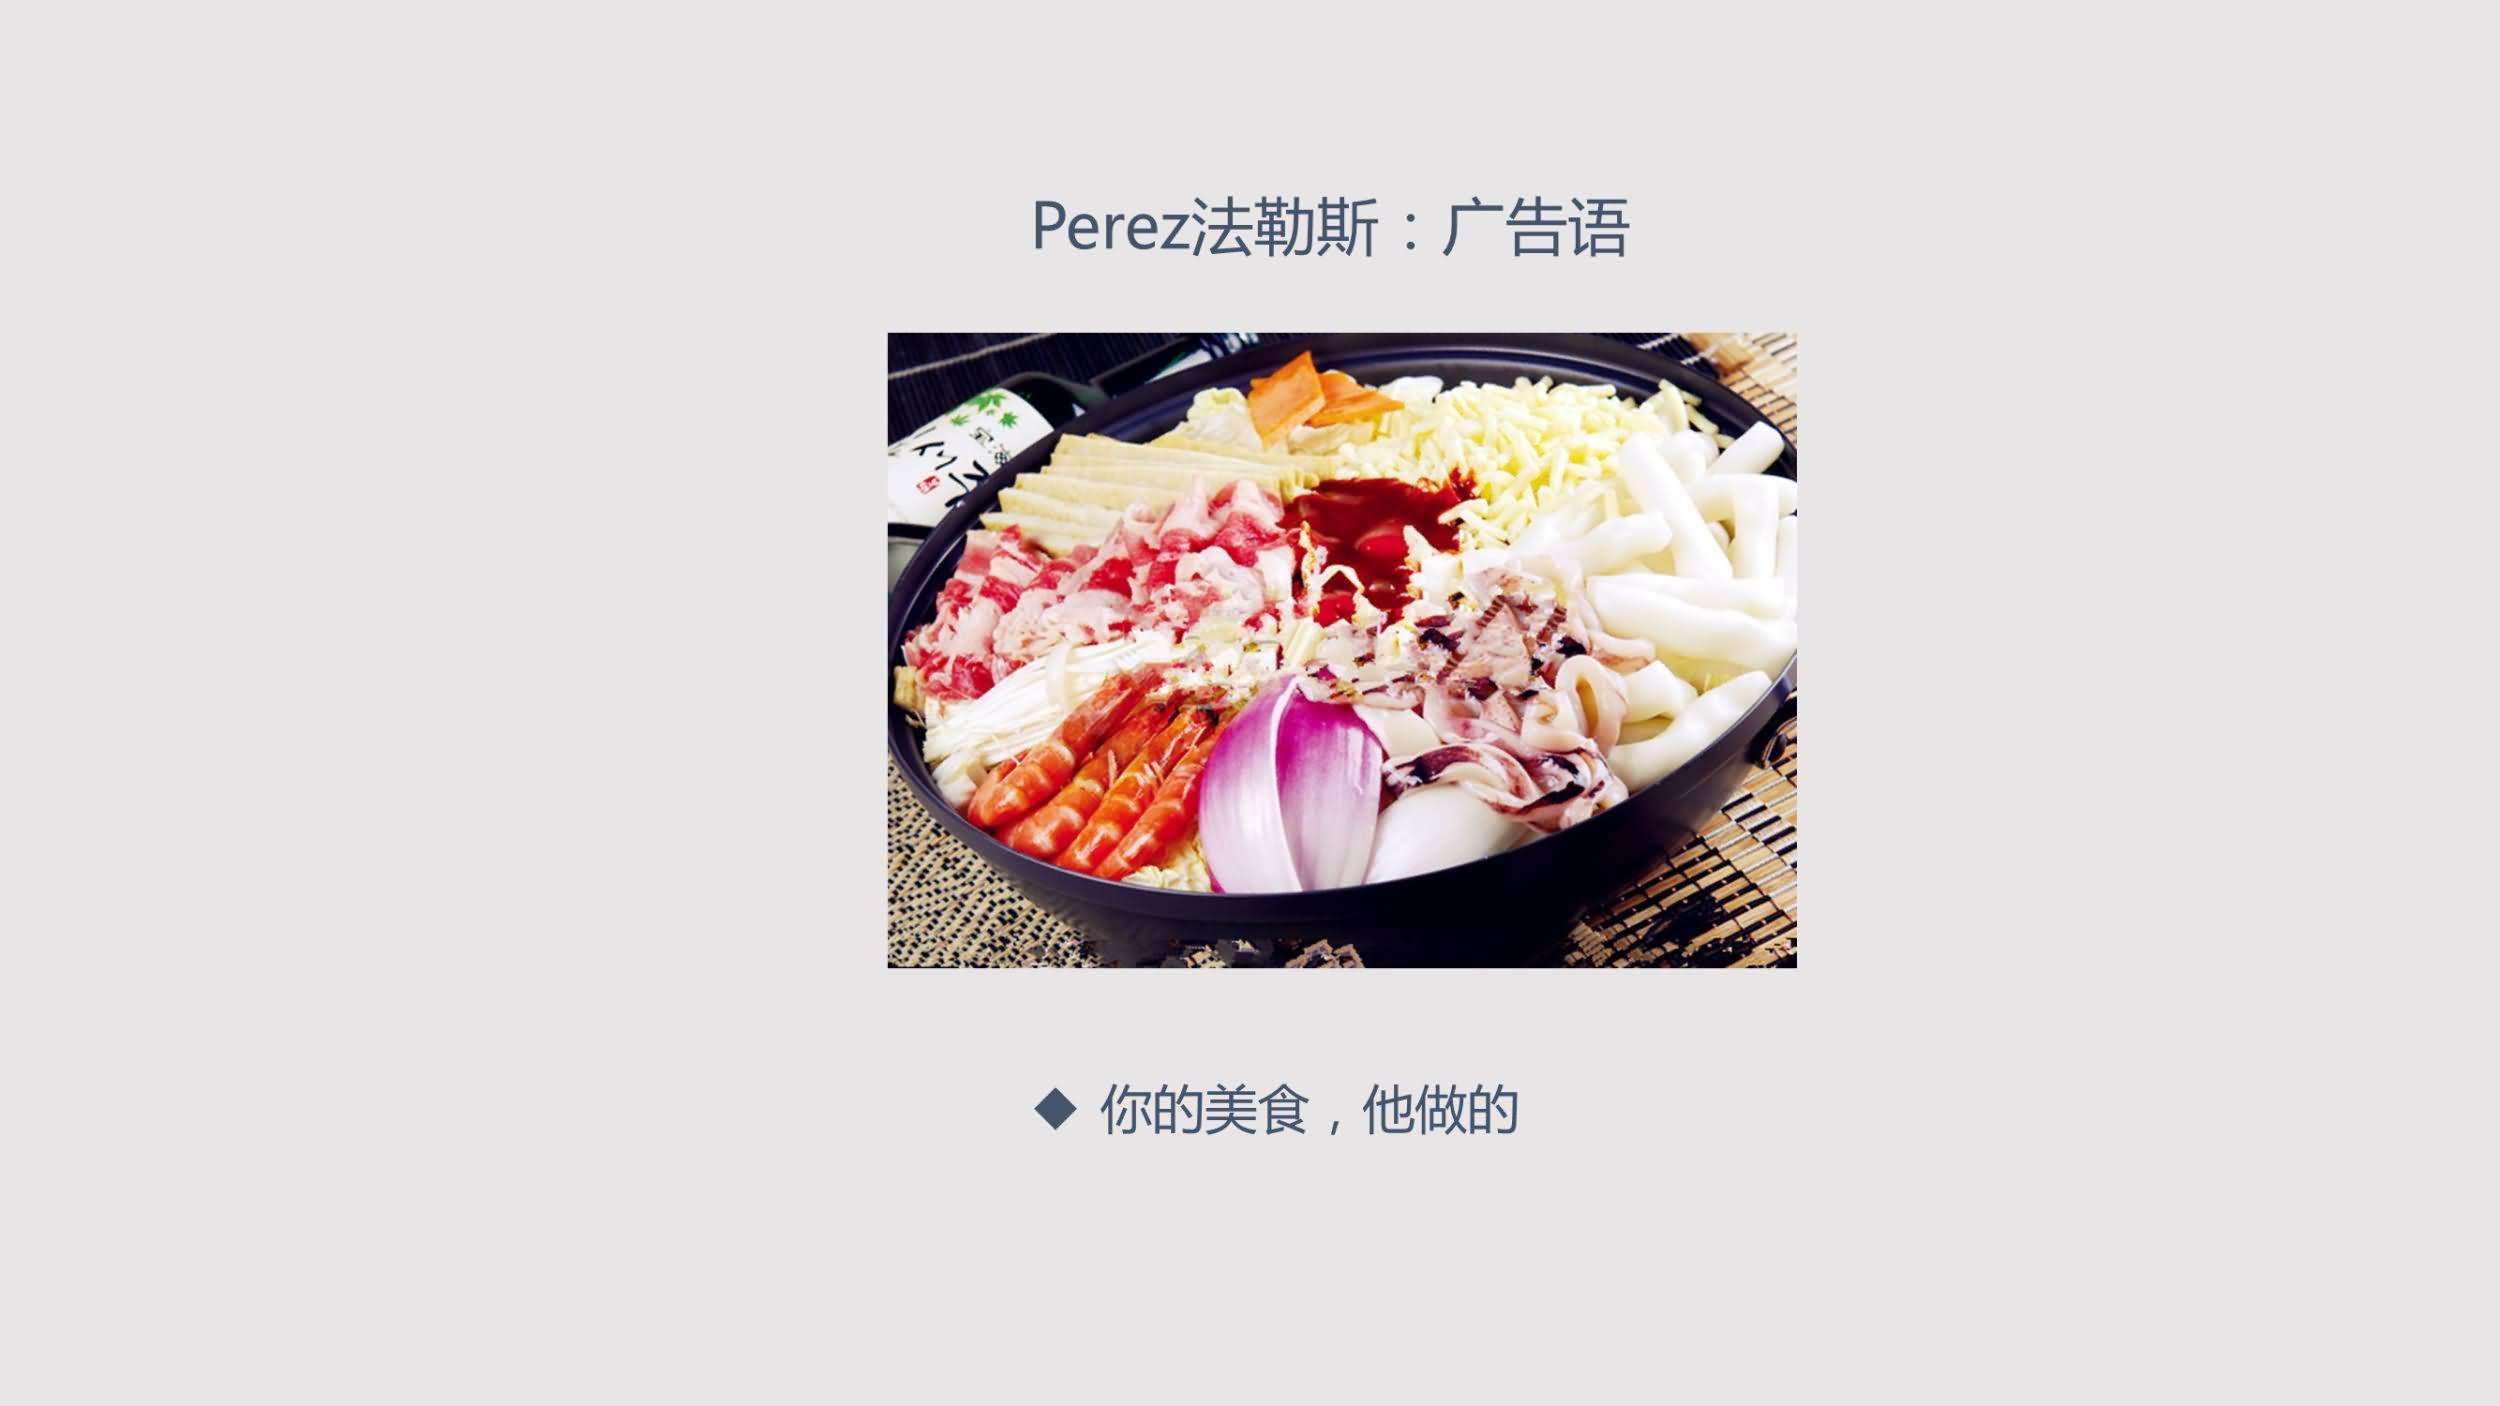 香港樂源餐飲集團有限公司18